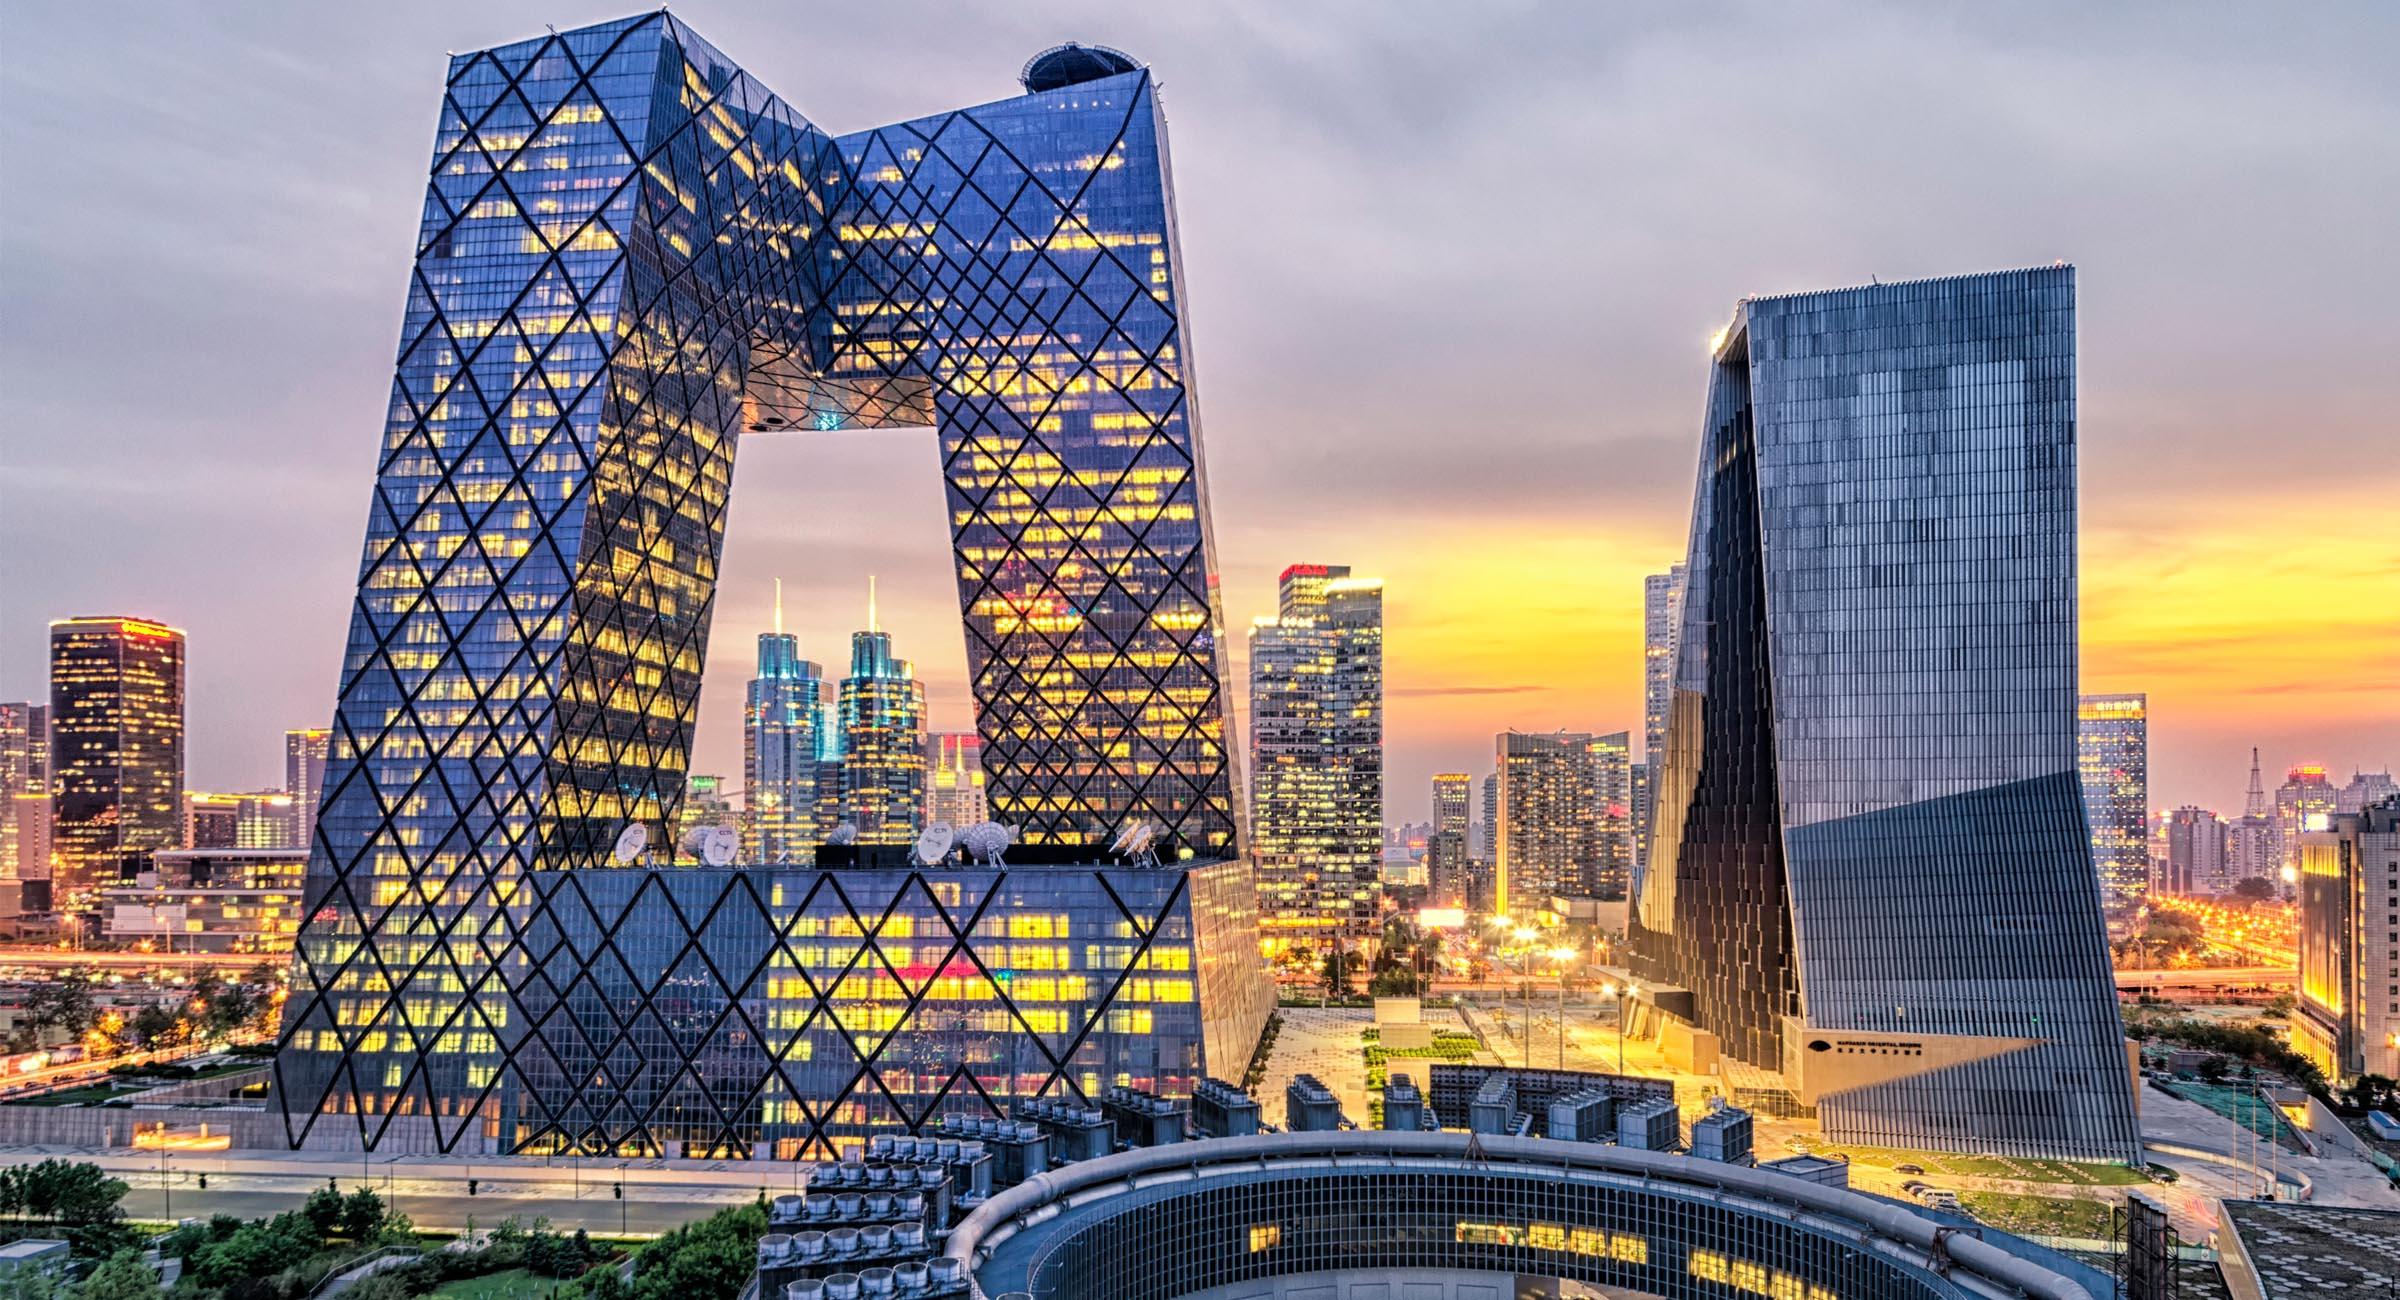 images_0001_Beijing